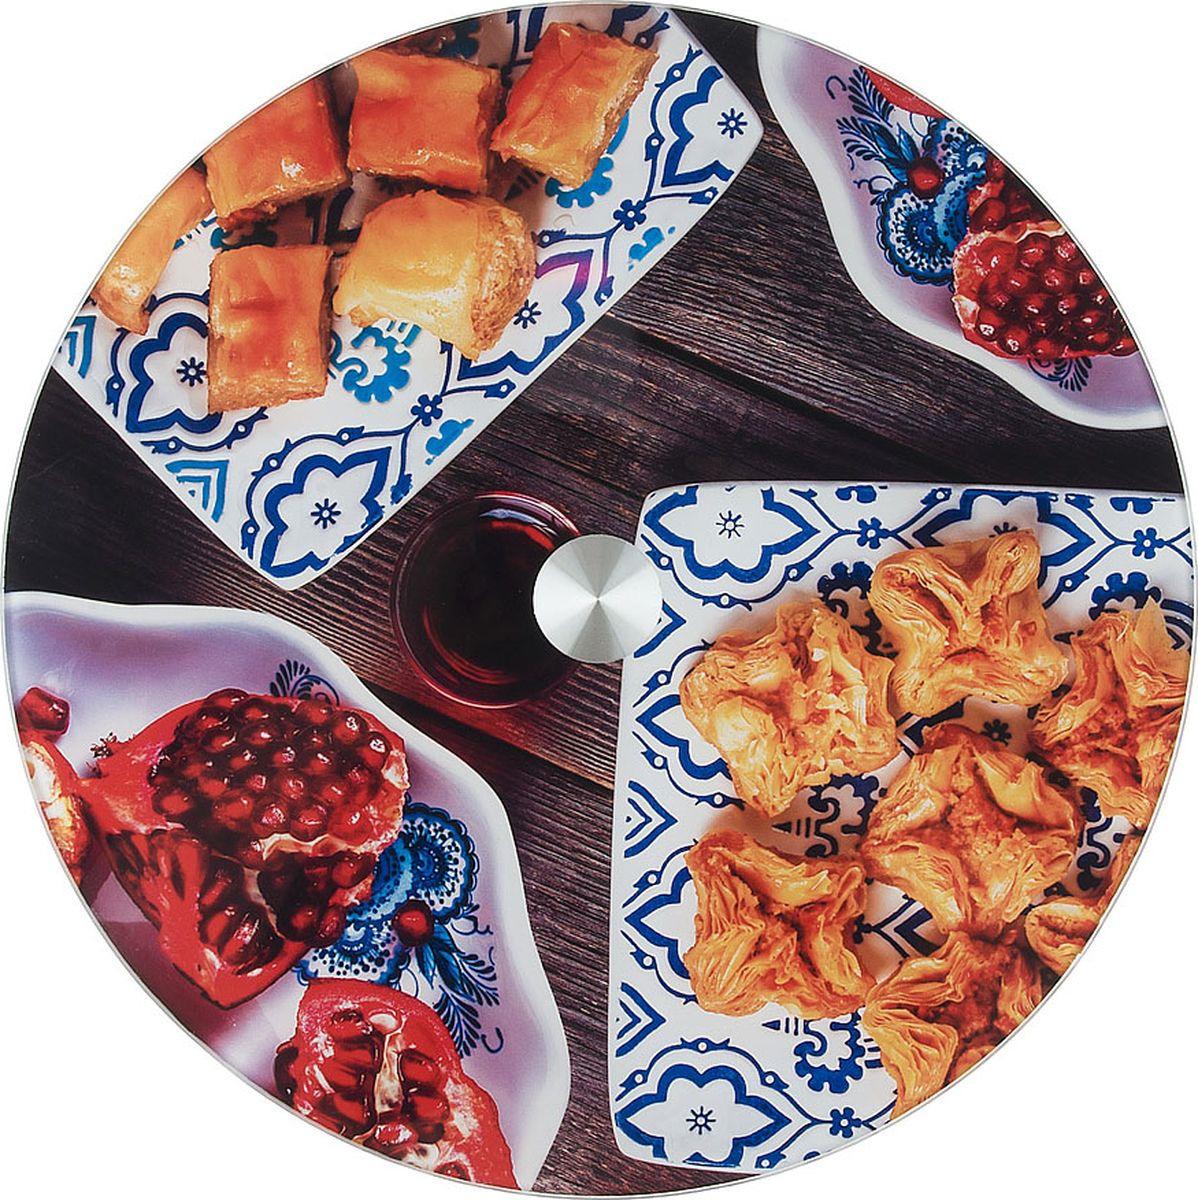 Блюдо для сервировки стола Best Home Kitchen Восточные сладости, вращающееся, 5341133, темно-коричневый, оранжевый, 32 х 32 х 2,2 см картаев павел восточные сладости